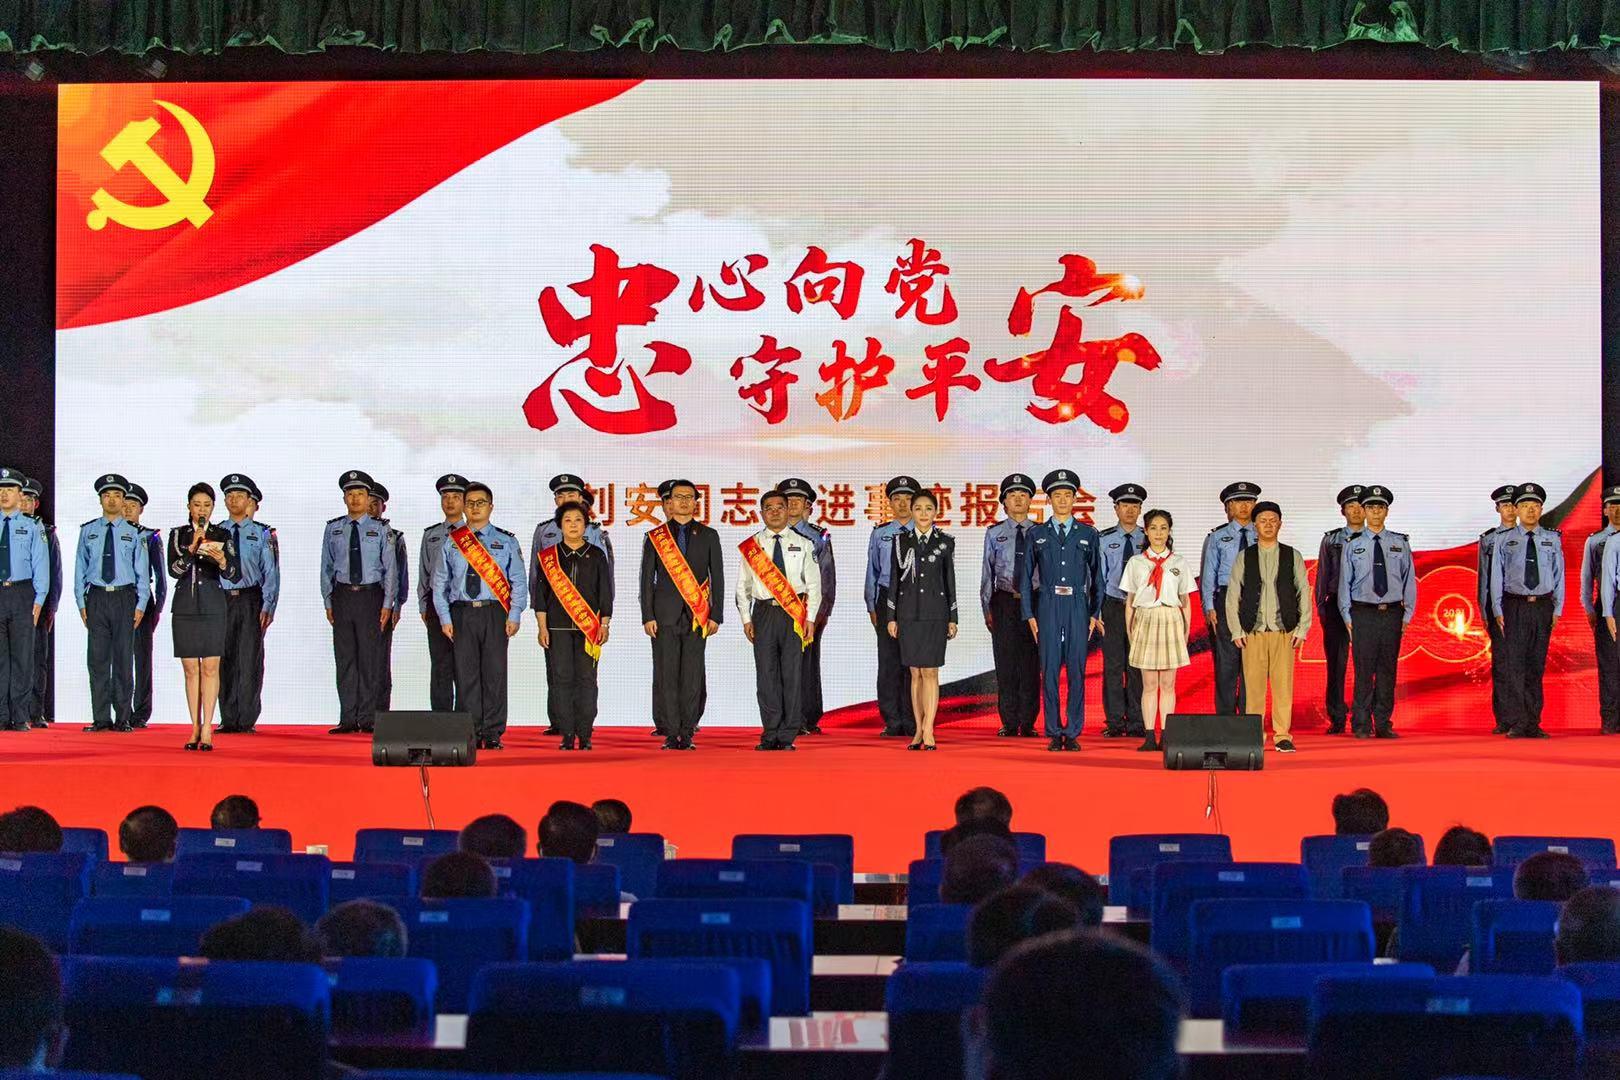 刘安同志先进事迹报告会举行,中央政法委发出一个号召